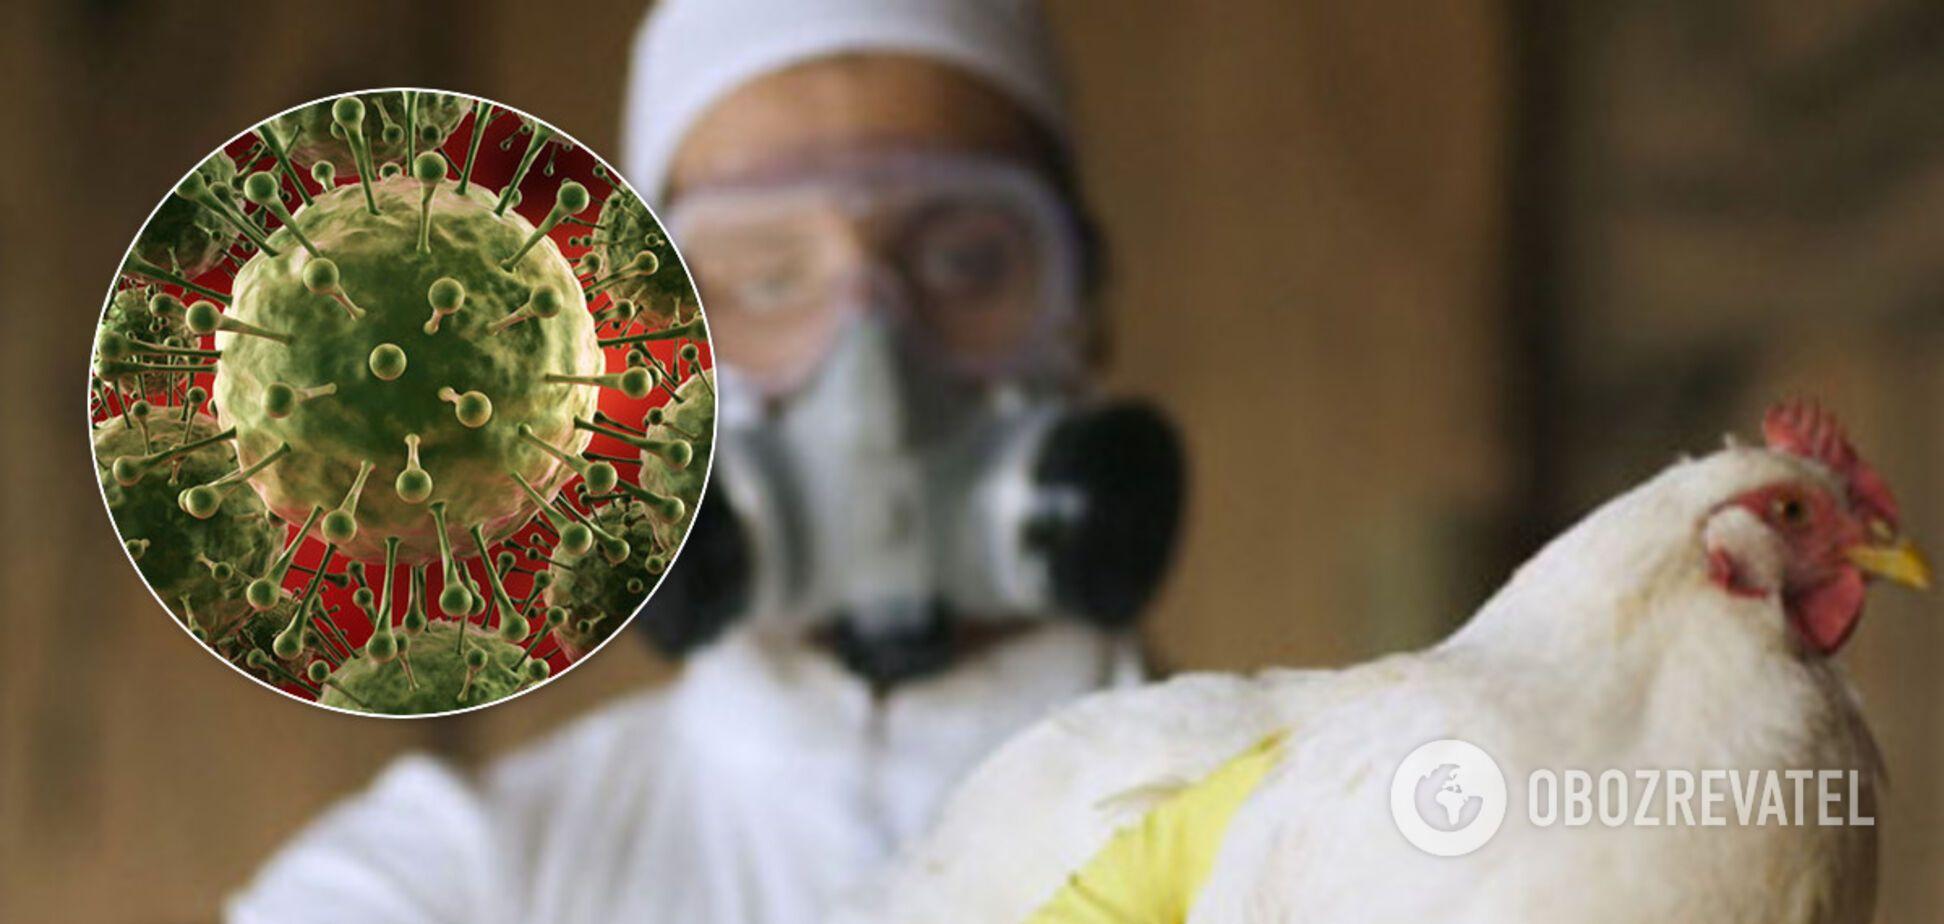 Слідом за COVID-19 світу загрожує епідемія пташиного грипу. Хто в зоні ризику